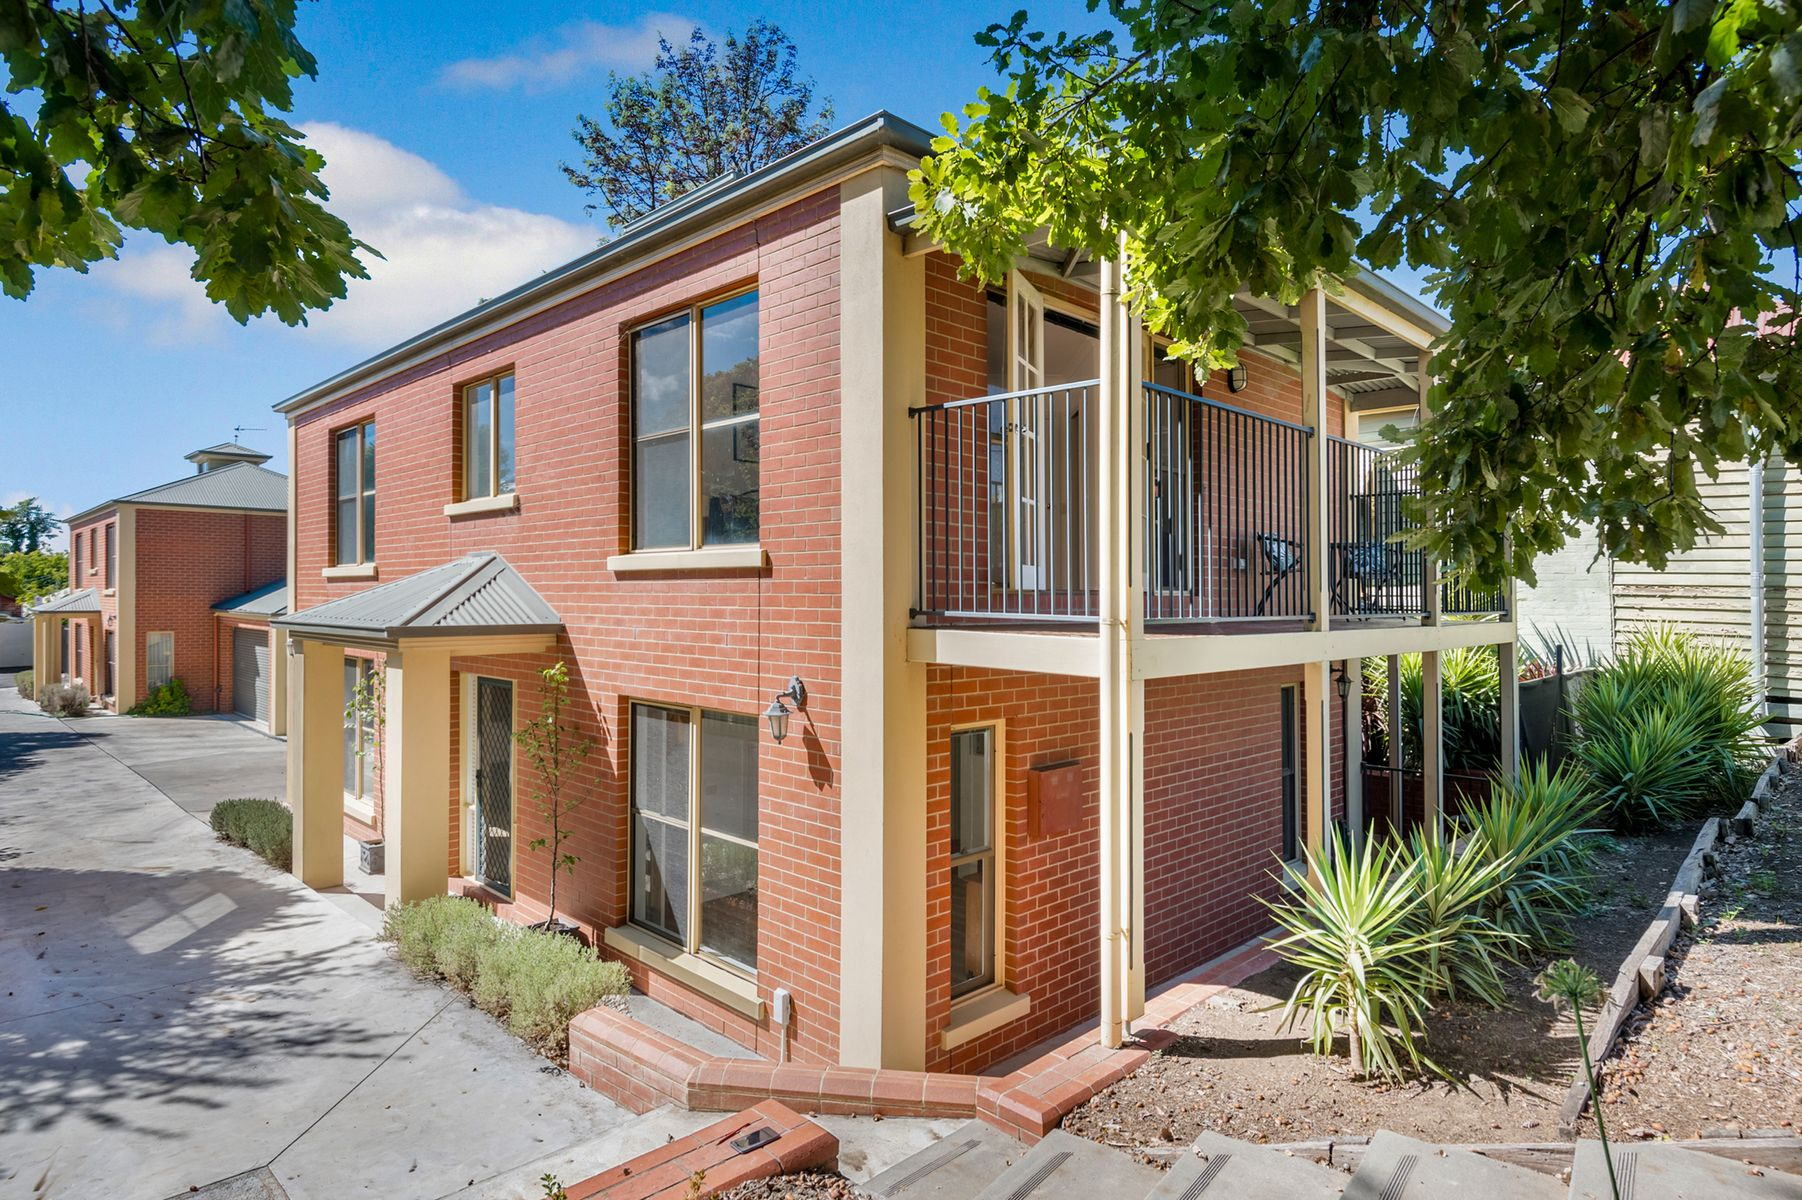 186A Don Street, Bendigo, VIC 3550